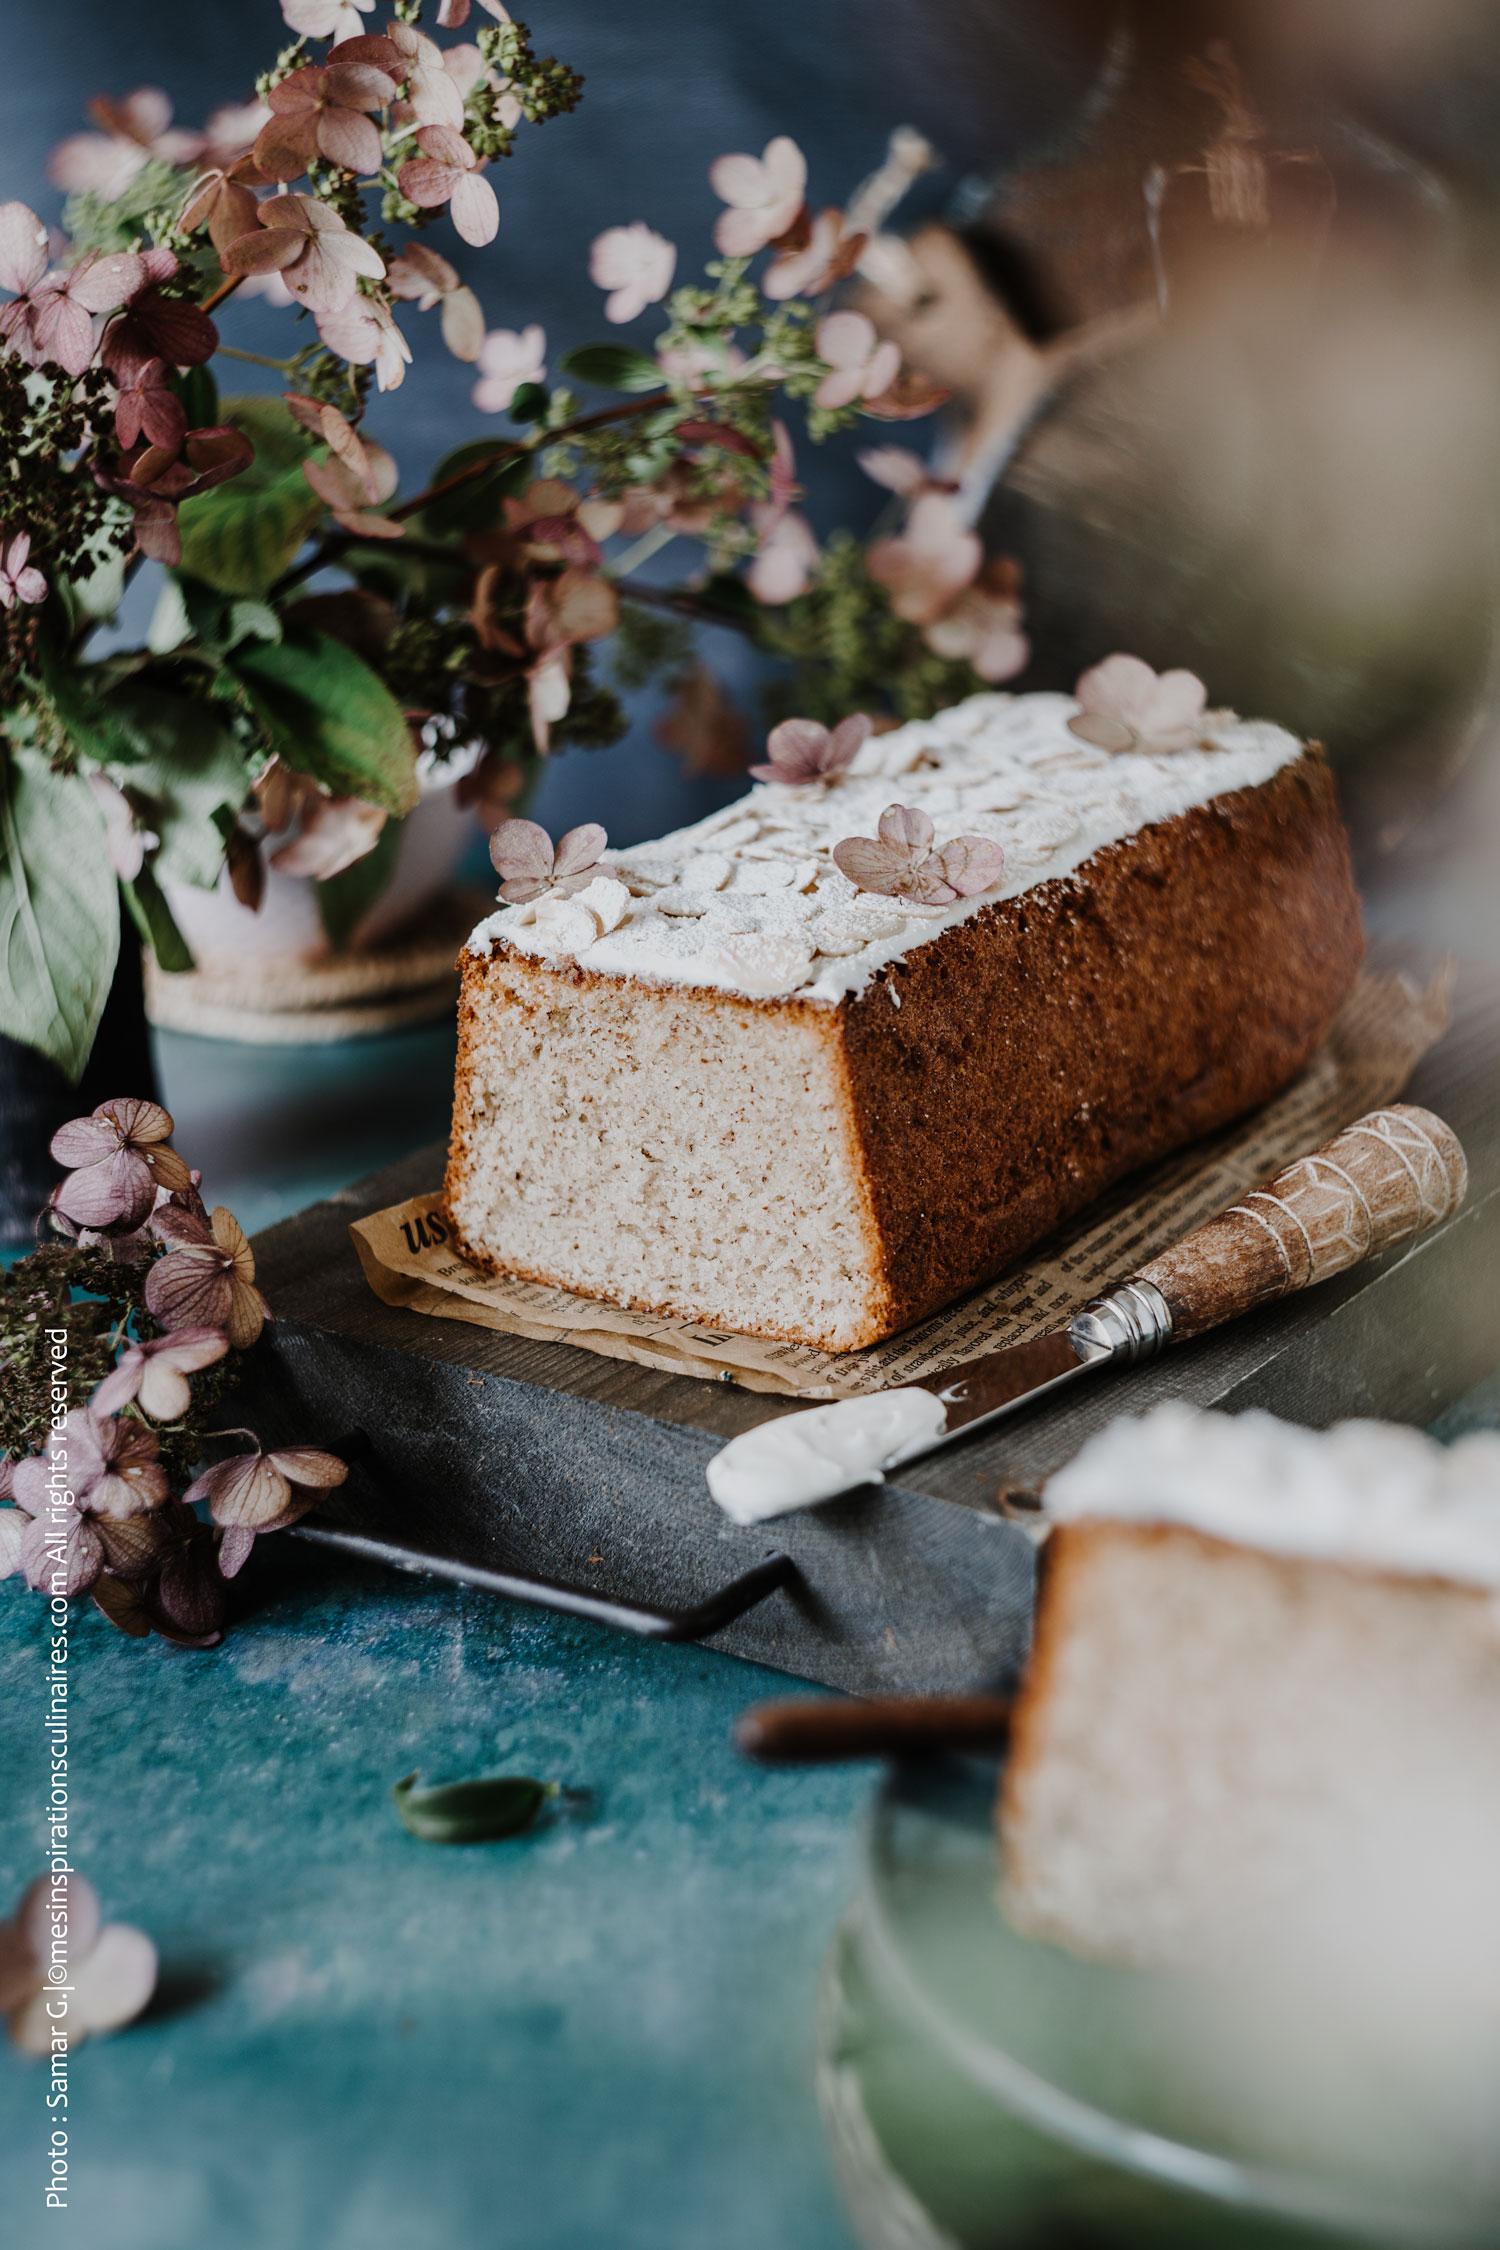 Cake moelleux à la vanille façon Cyril Lignac